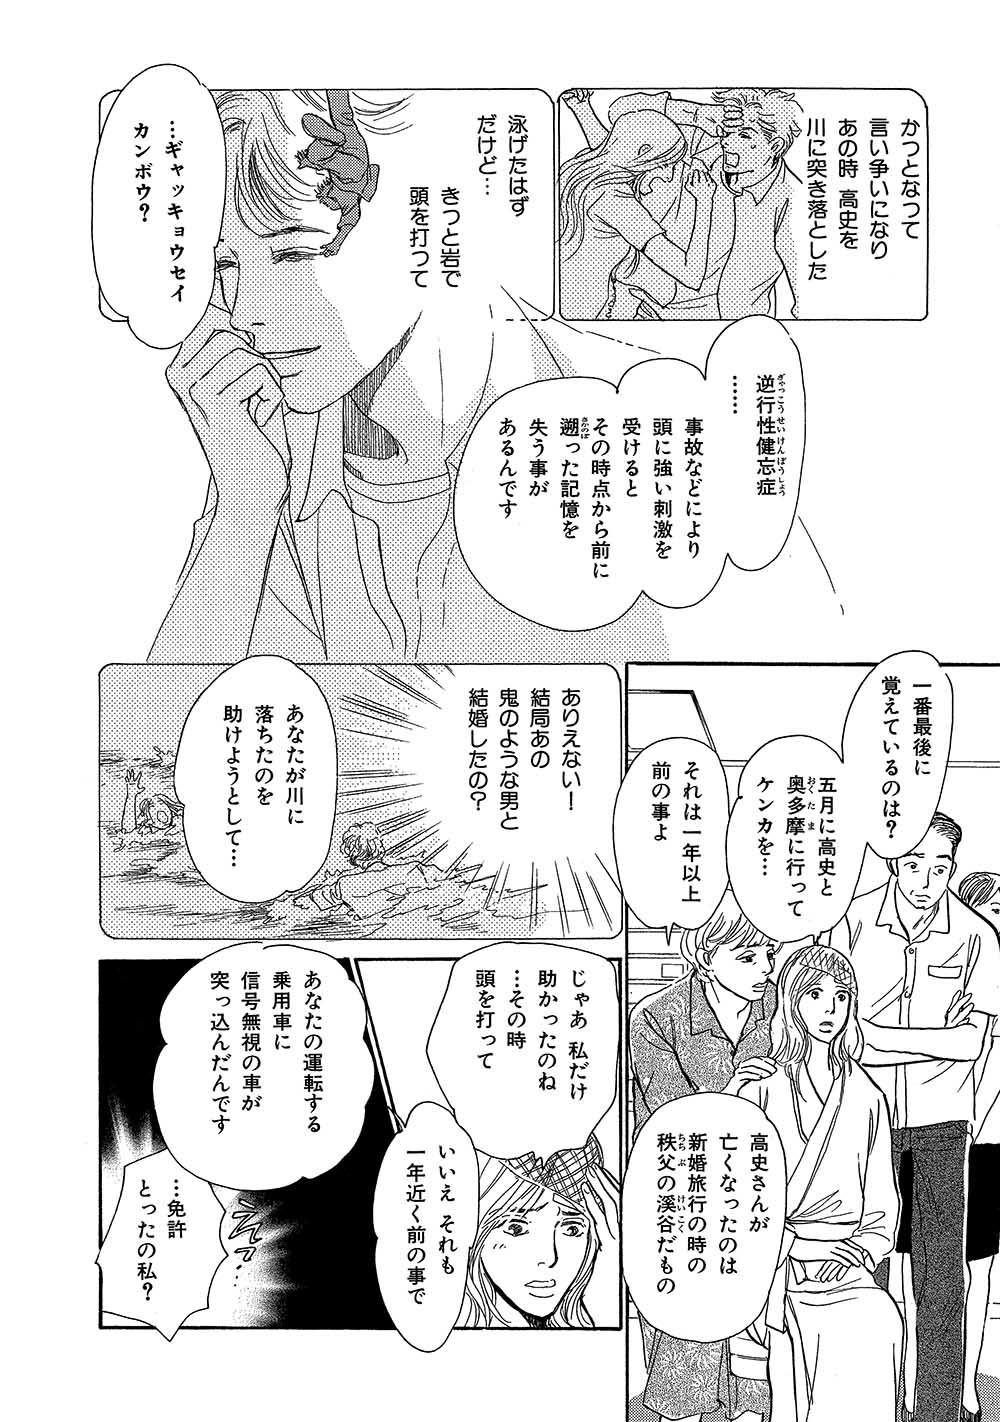 hyakki_0016_0076.jpg